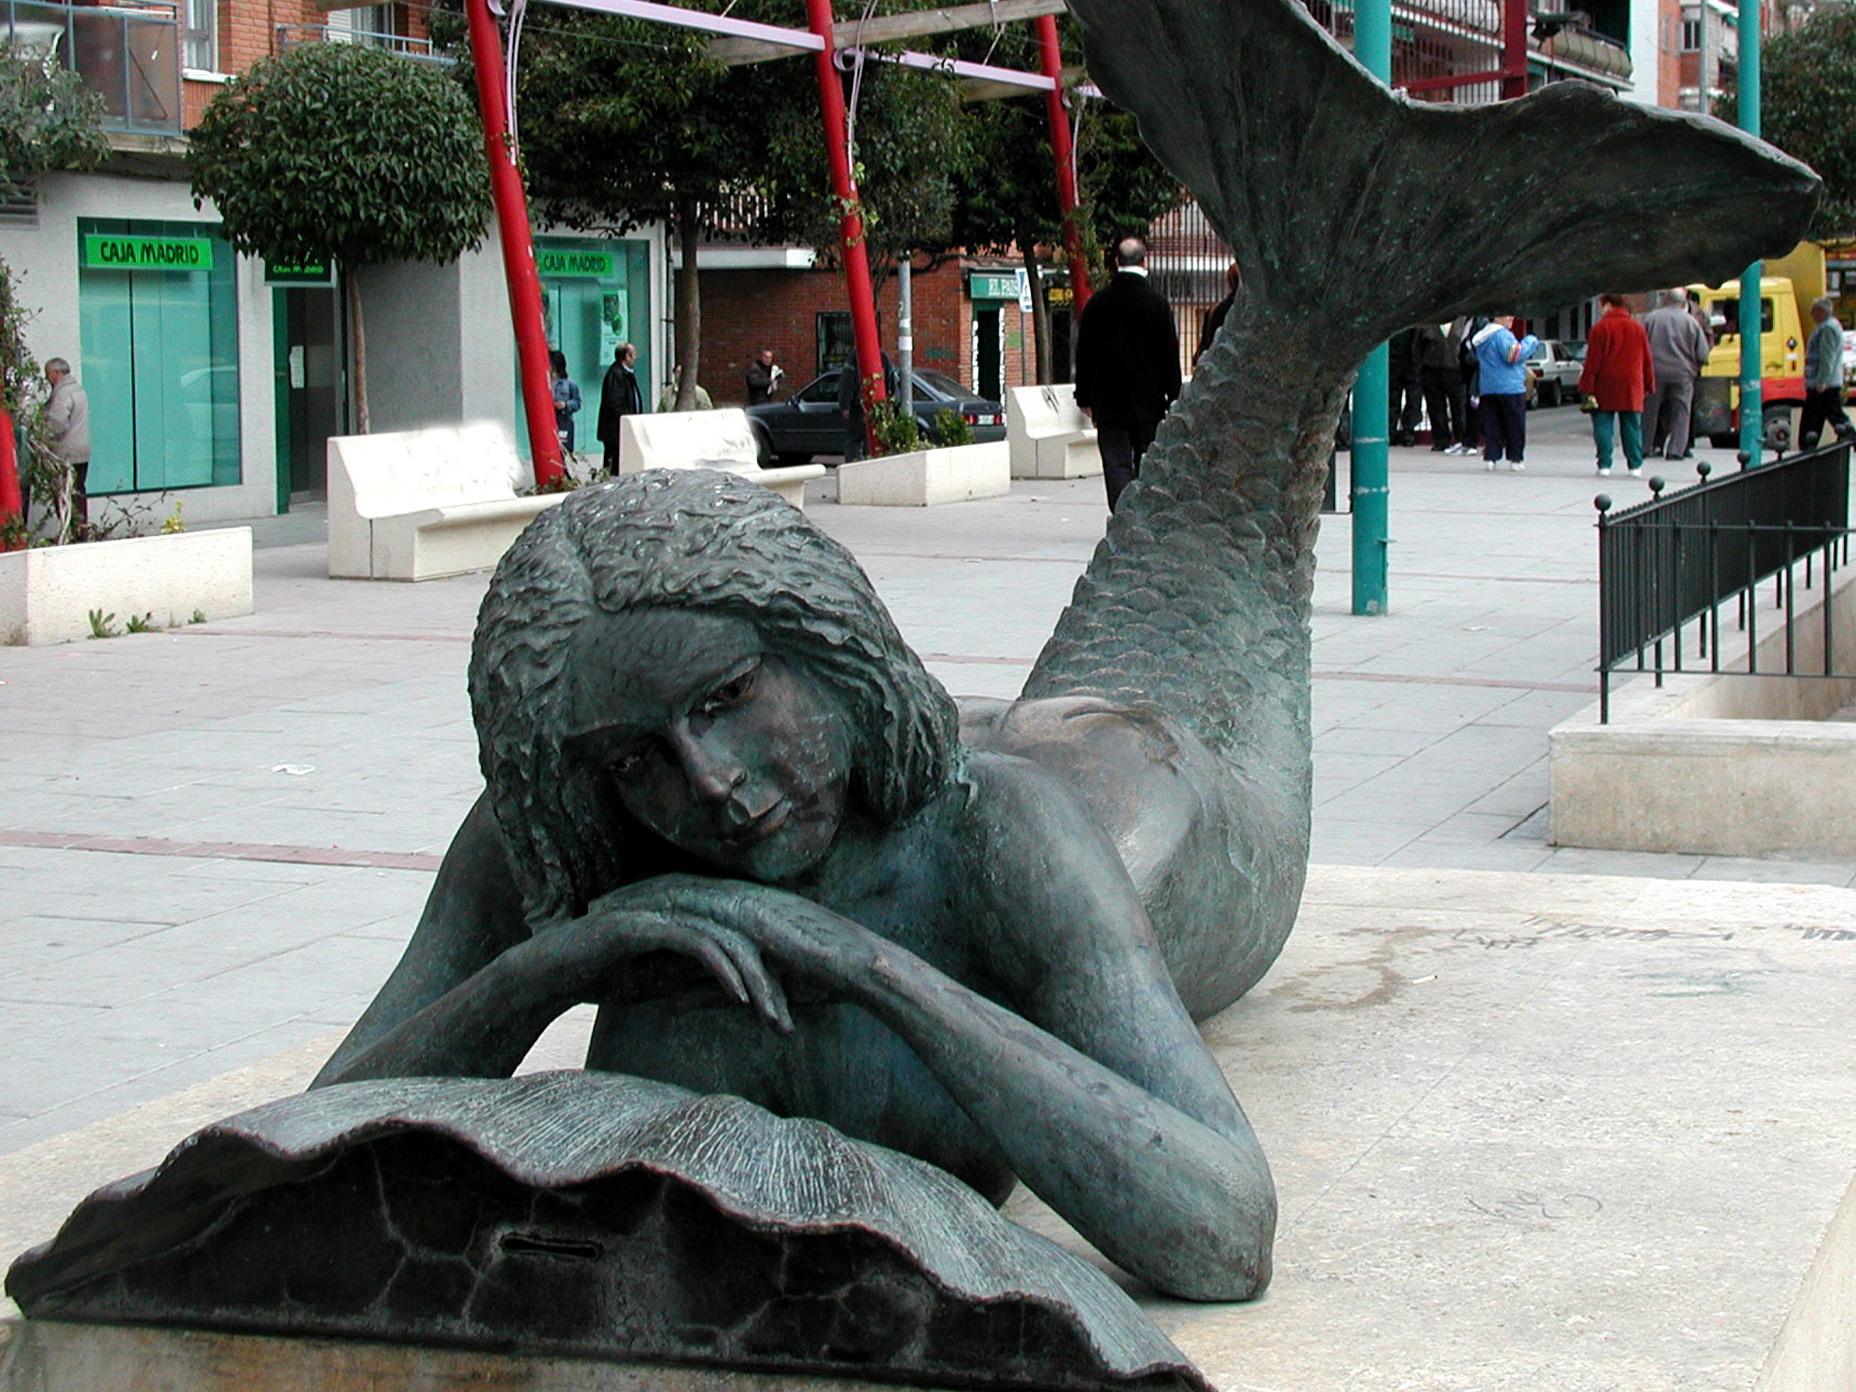 Escultura de Sirena en Leganés